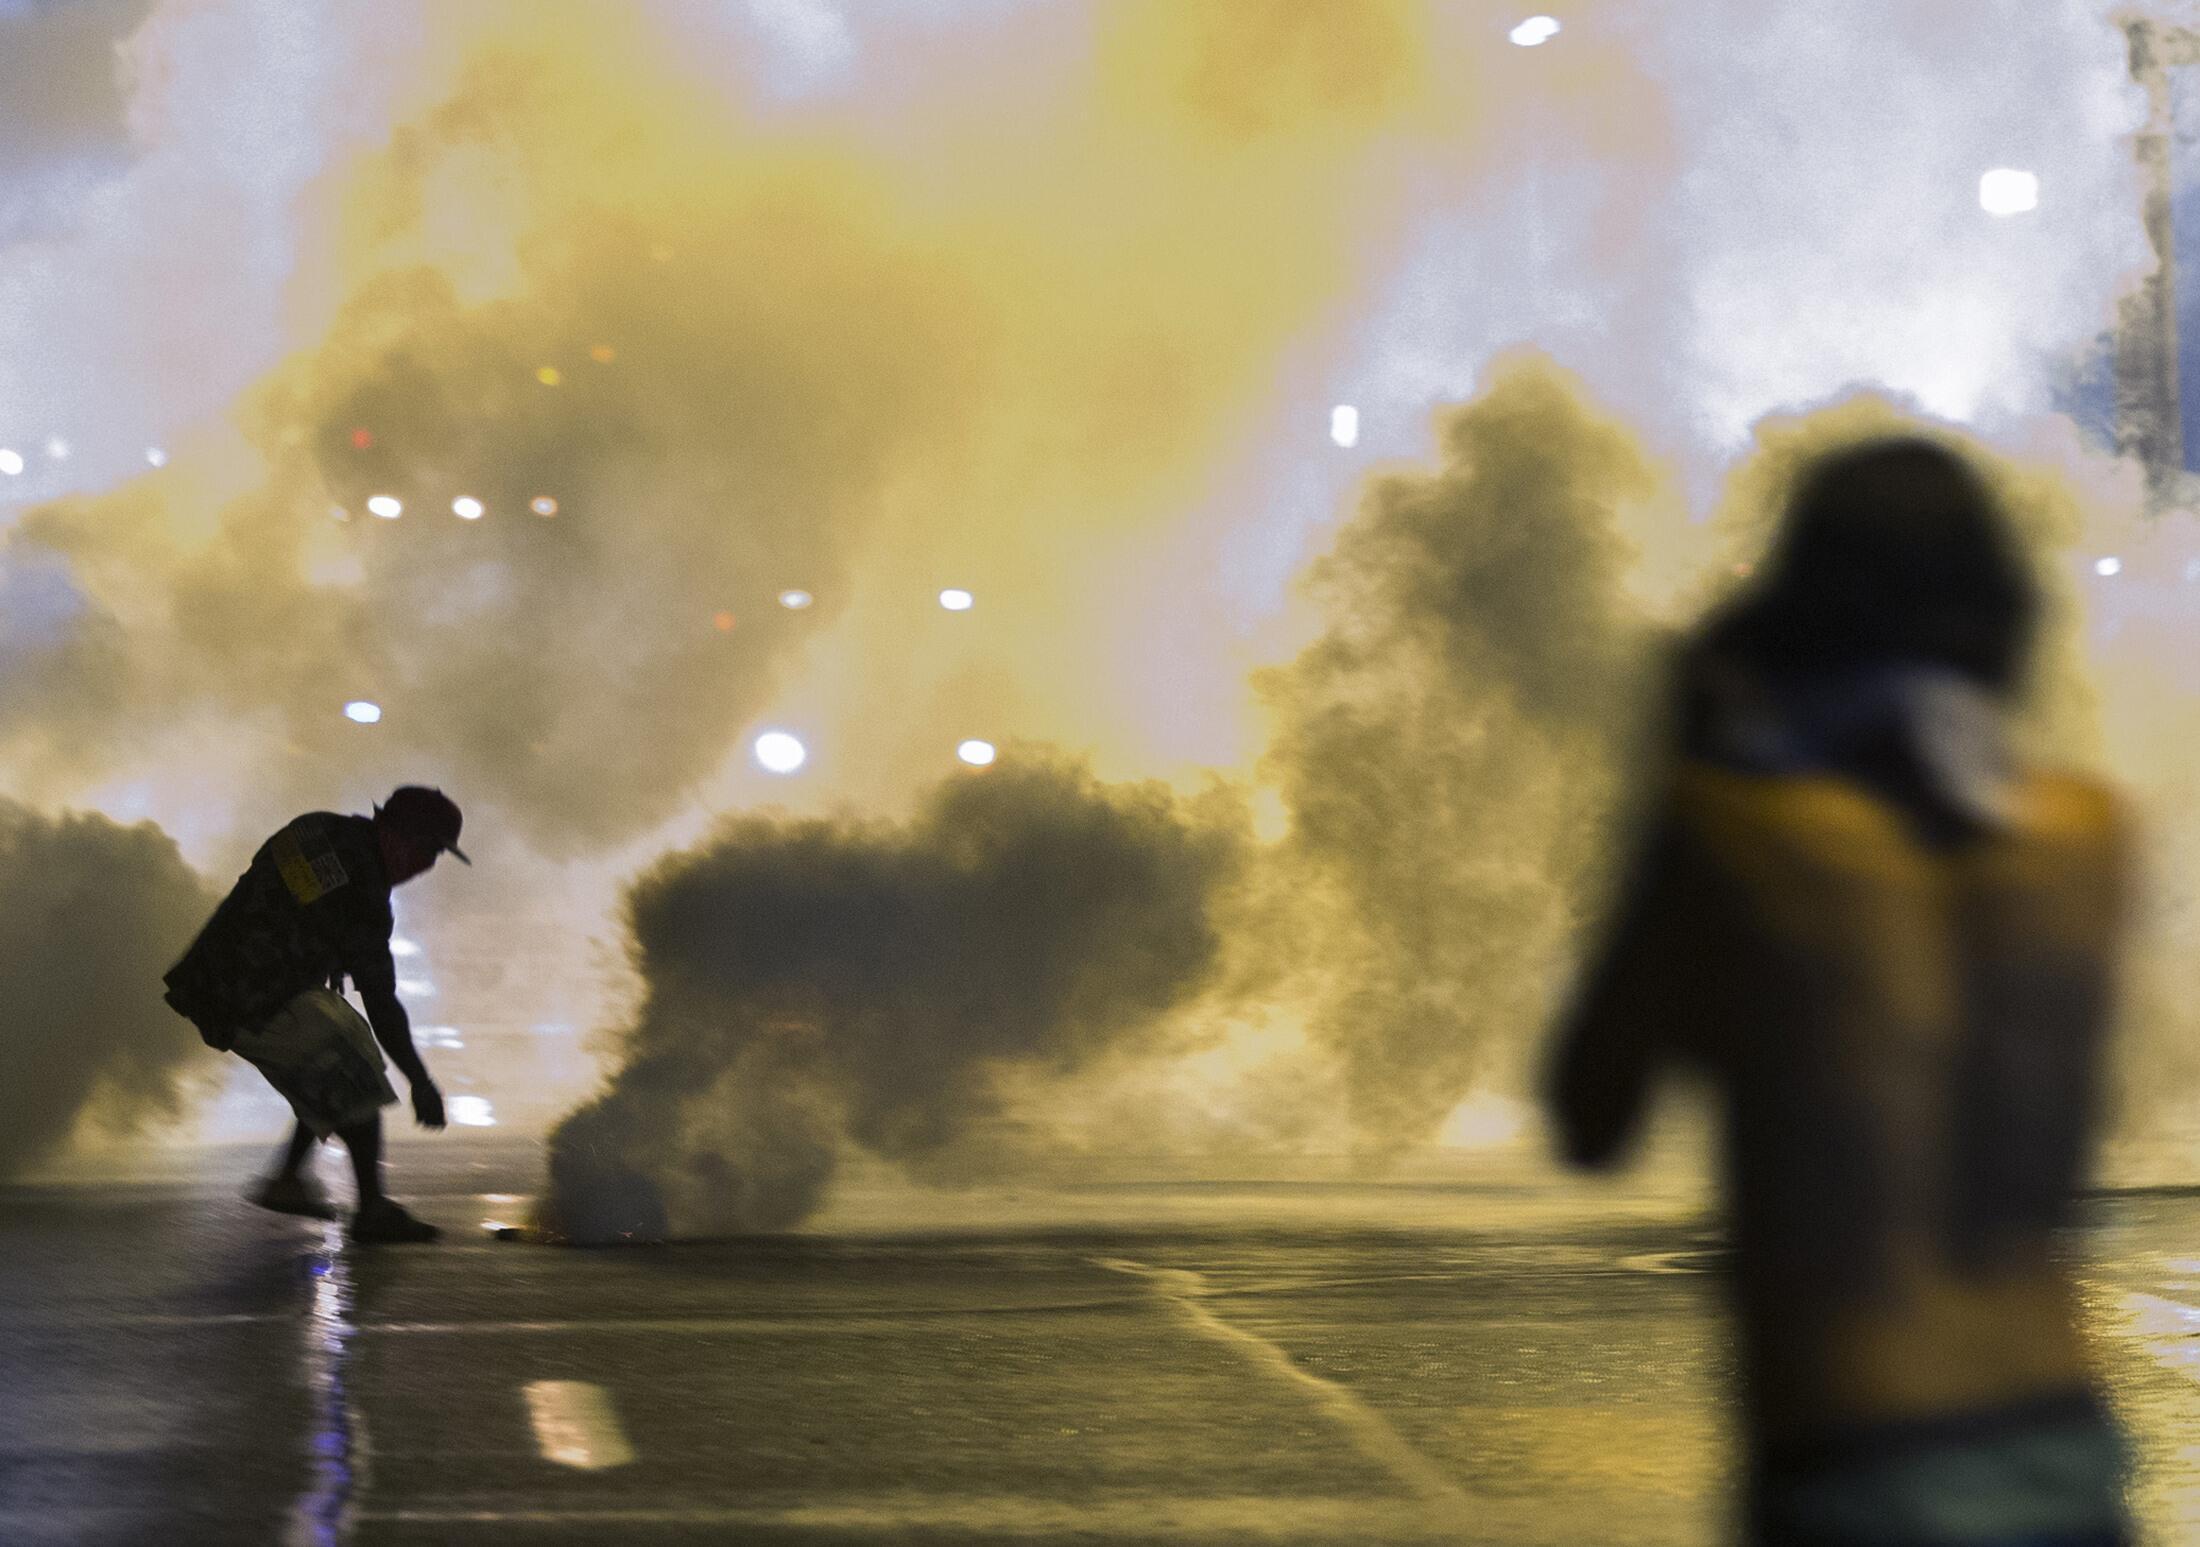 Bất chấp lệnh giới nghiêm, biểu tình bạo động lại diễn ra tại Ferguson, Missouri, đêm 16/08/2014e samedi à dimanche.